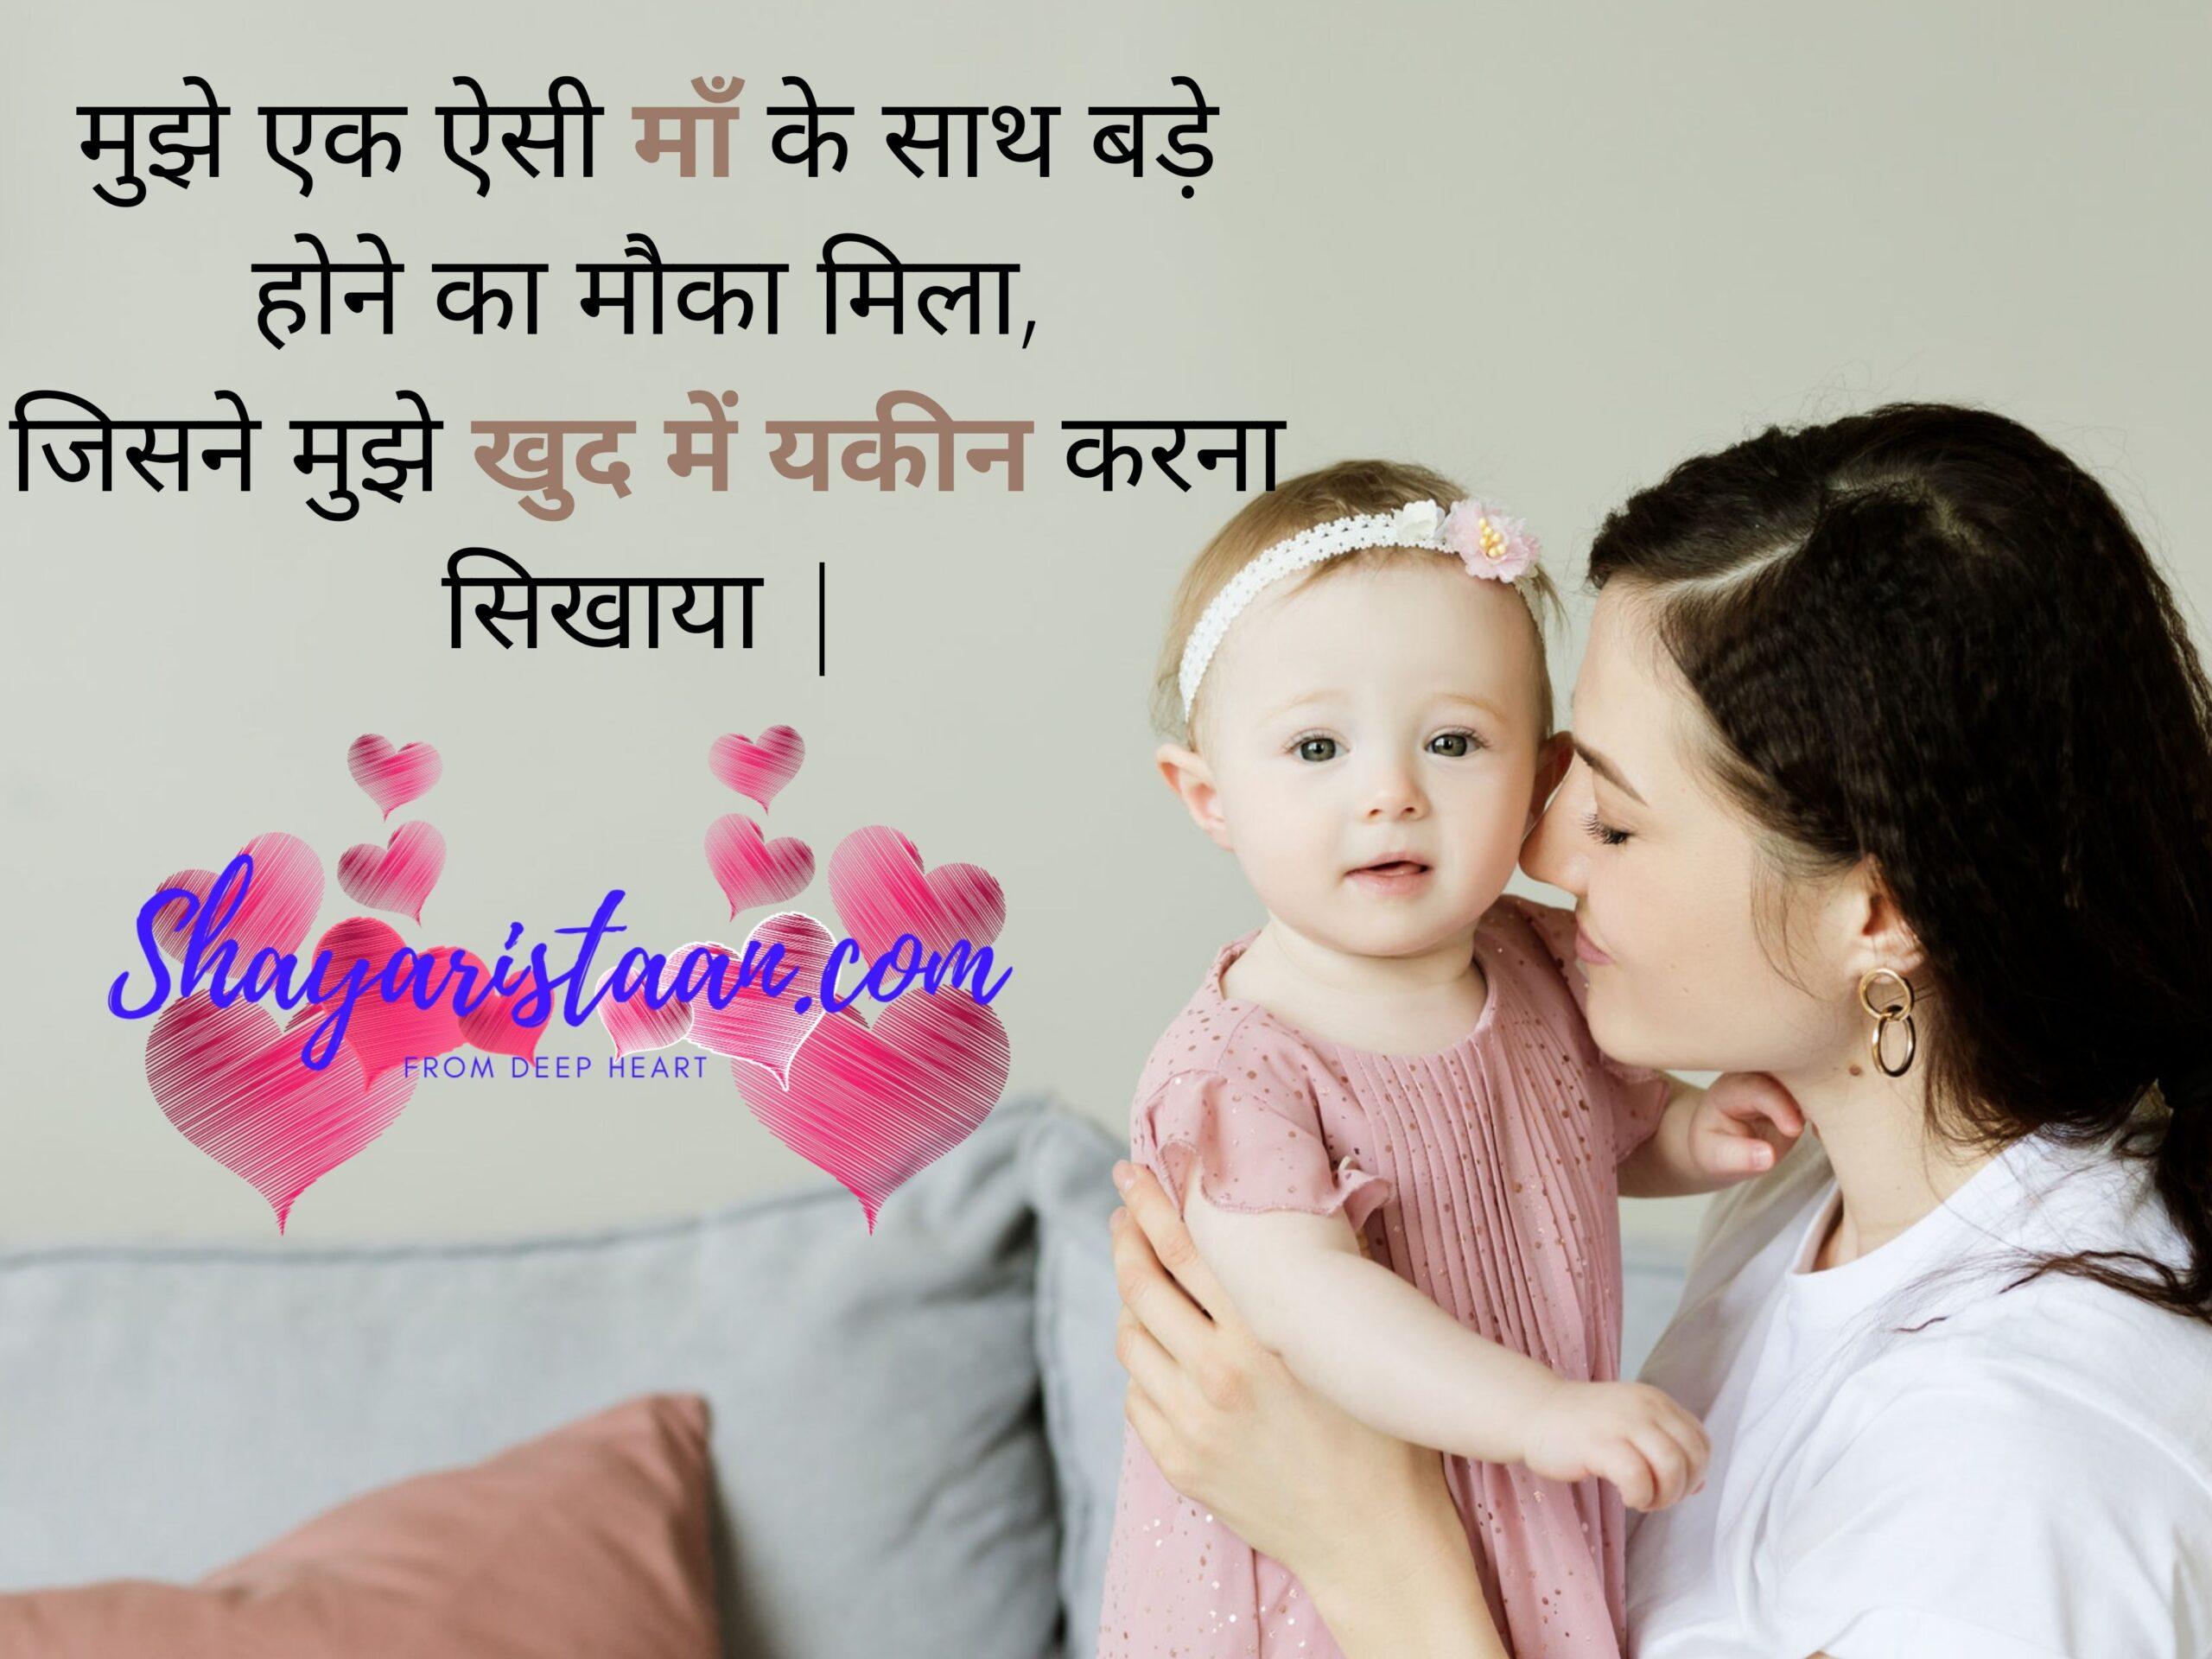 maa quotes in hindi   मुझे एक ऐसी माँ के साथ बड़े होने का मौका मिला, जिसने मुझे खुद में यकीन करना सिखाया  